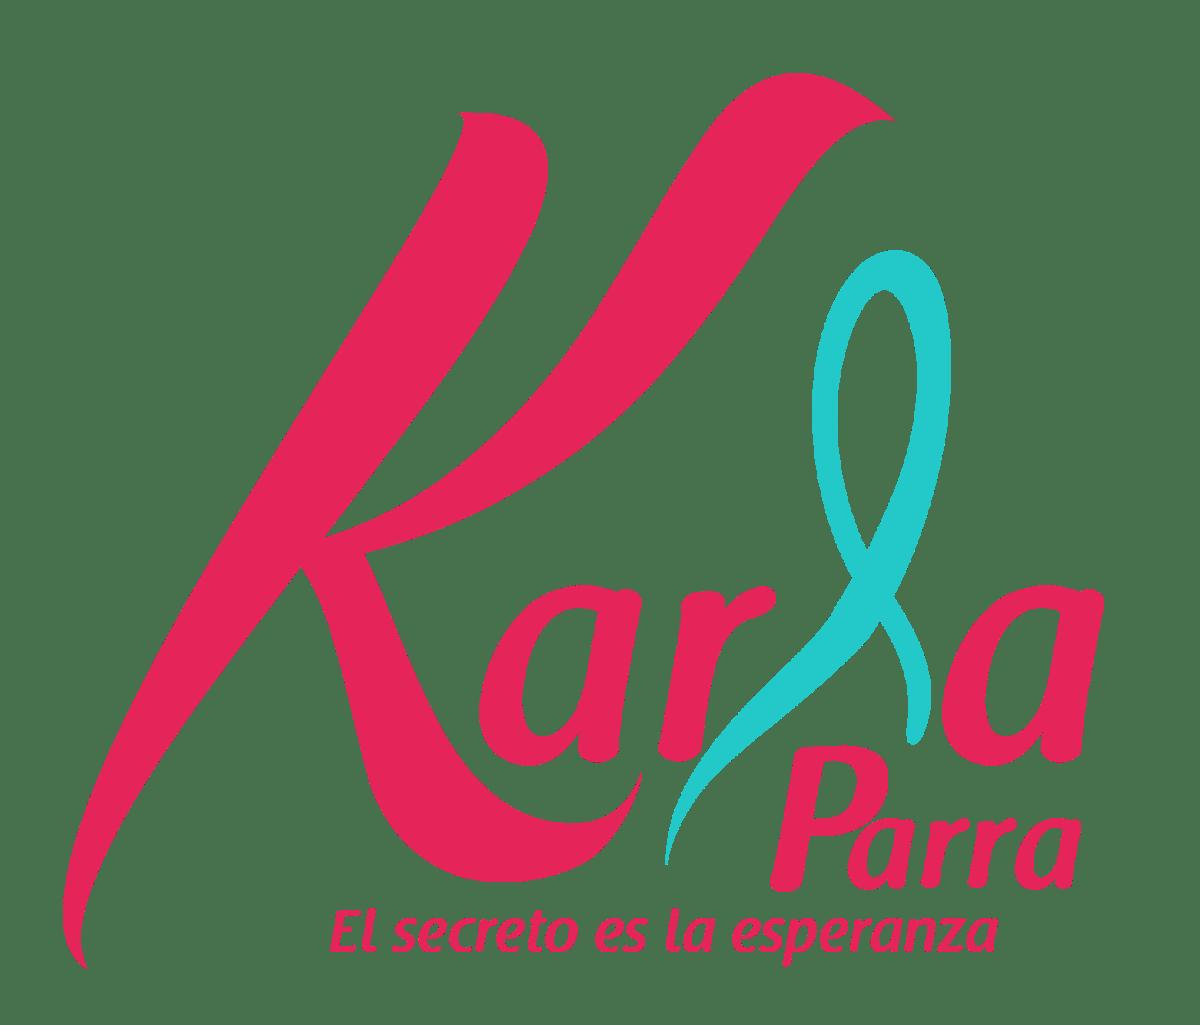 Karrla Parra Logo